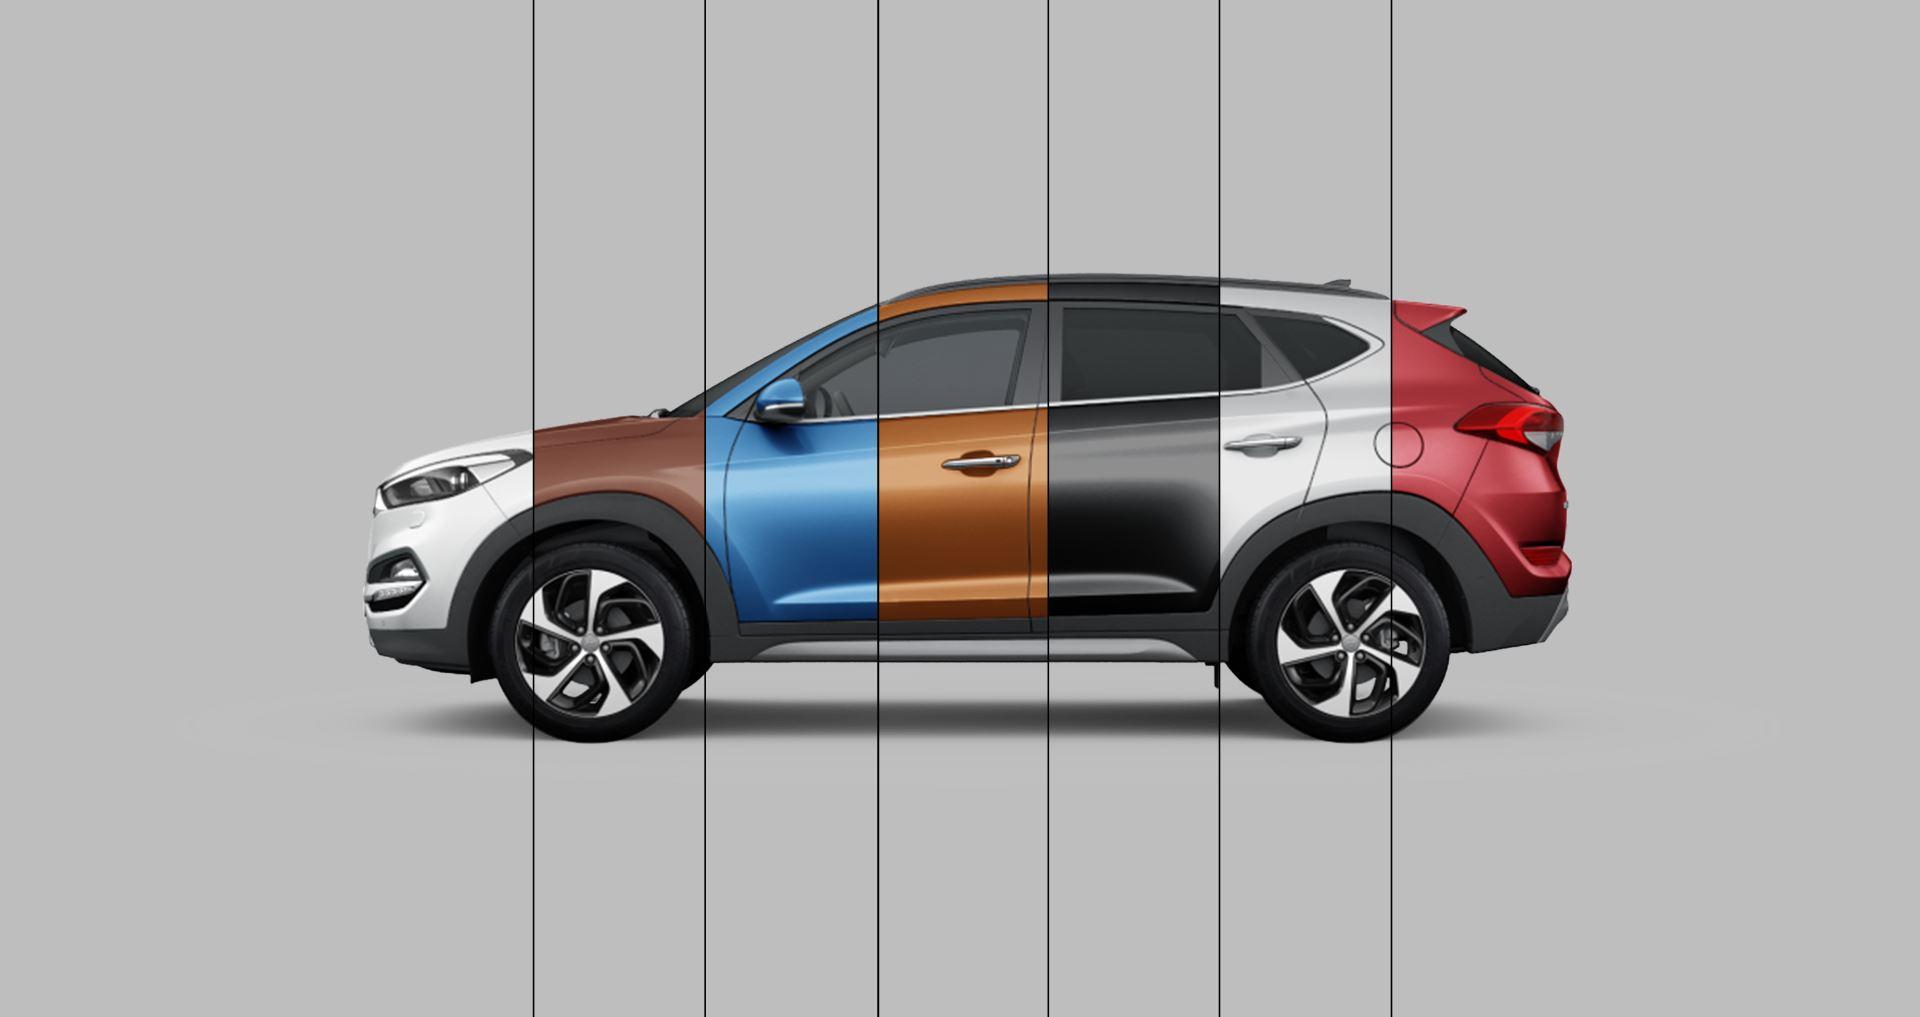 Wedden dat wij jouw autokleur kunnen raden!